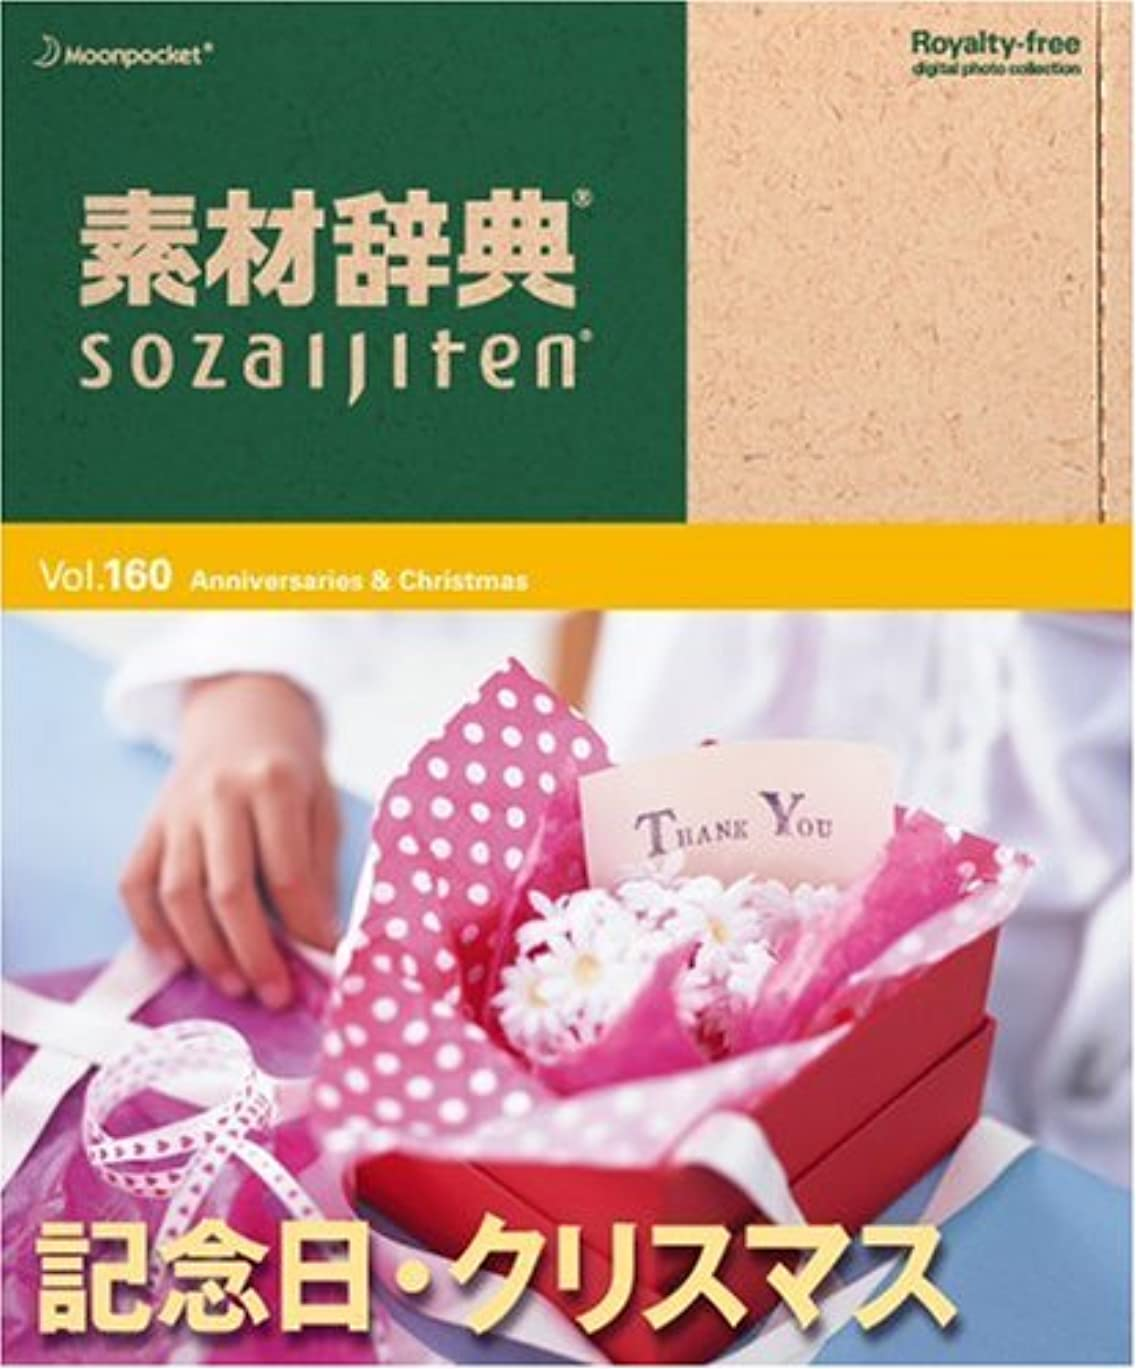 ドット容器サーバ素材辞典 Vol.160 記念日?クリスマス編